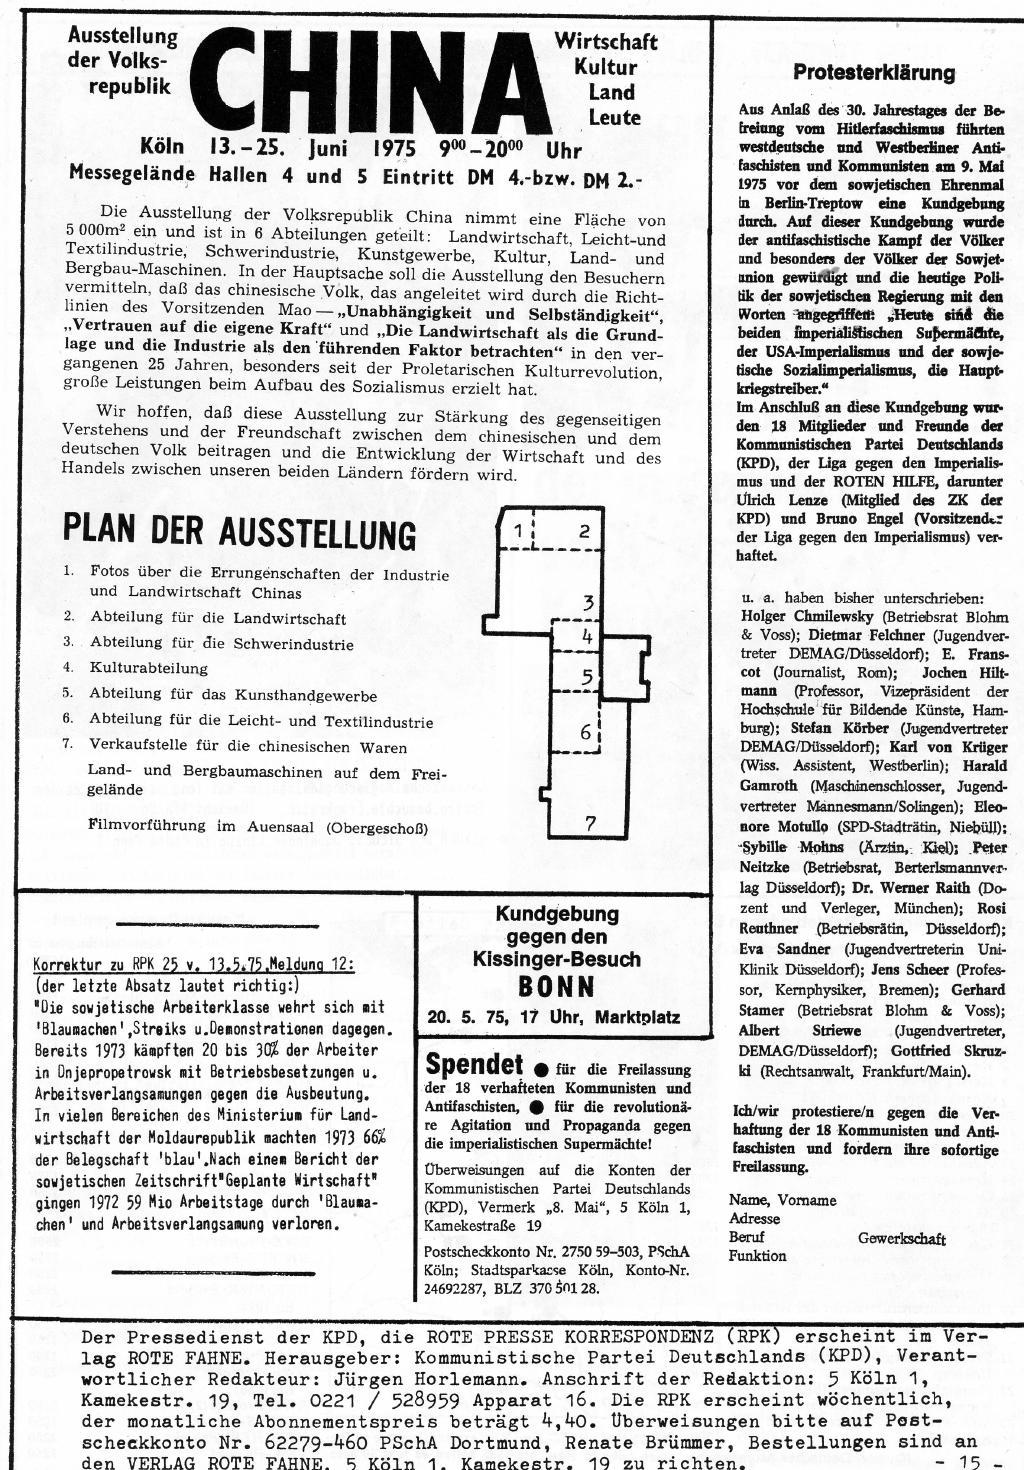 RPK_Pressedienst_1975_26_15